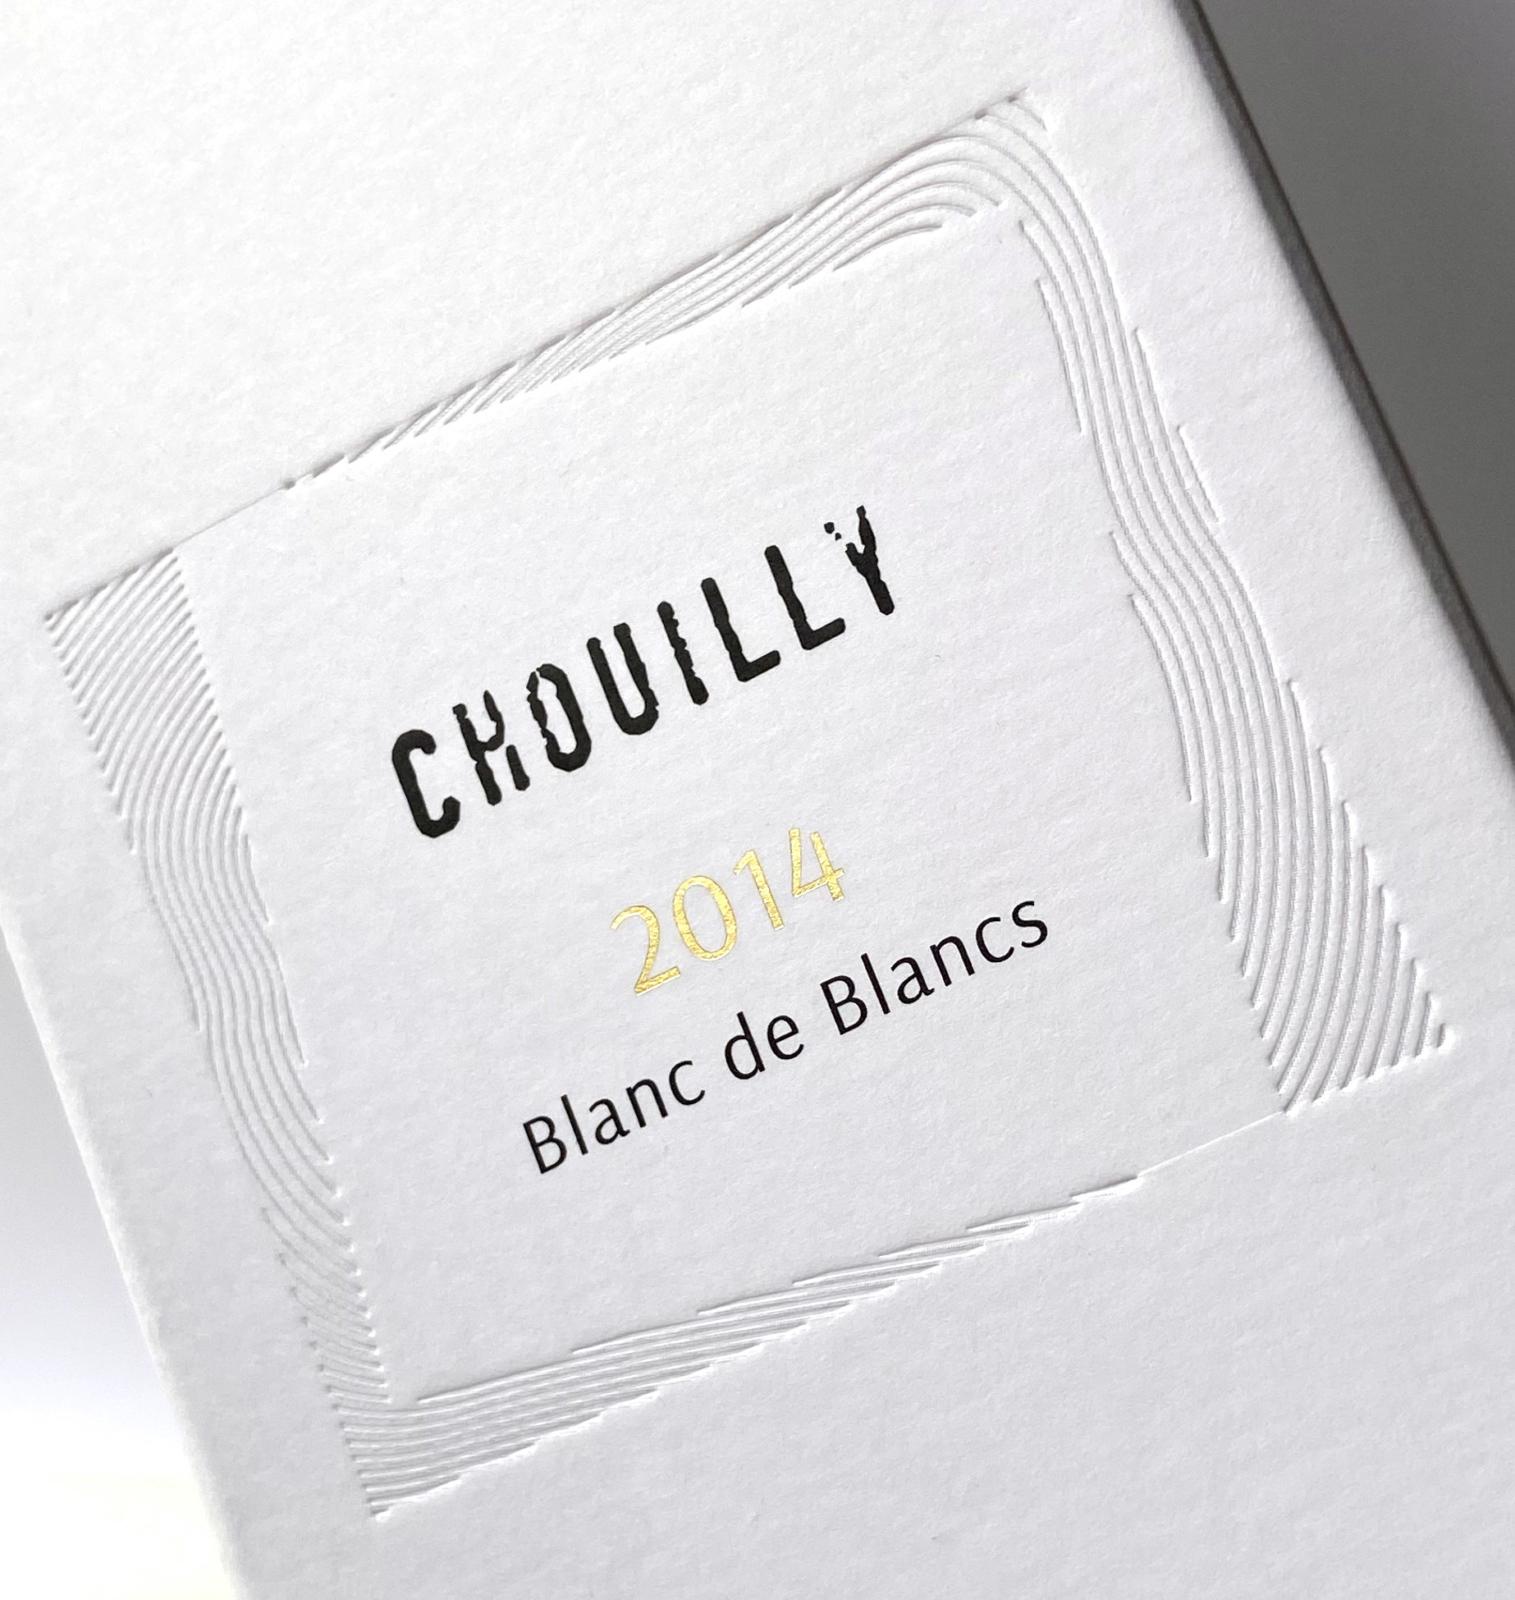 Cuvée Chouilly - Un design pensé par l'agence de design de Paris Partisan du Sens.